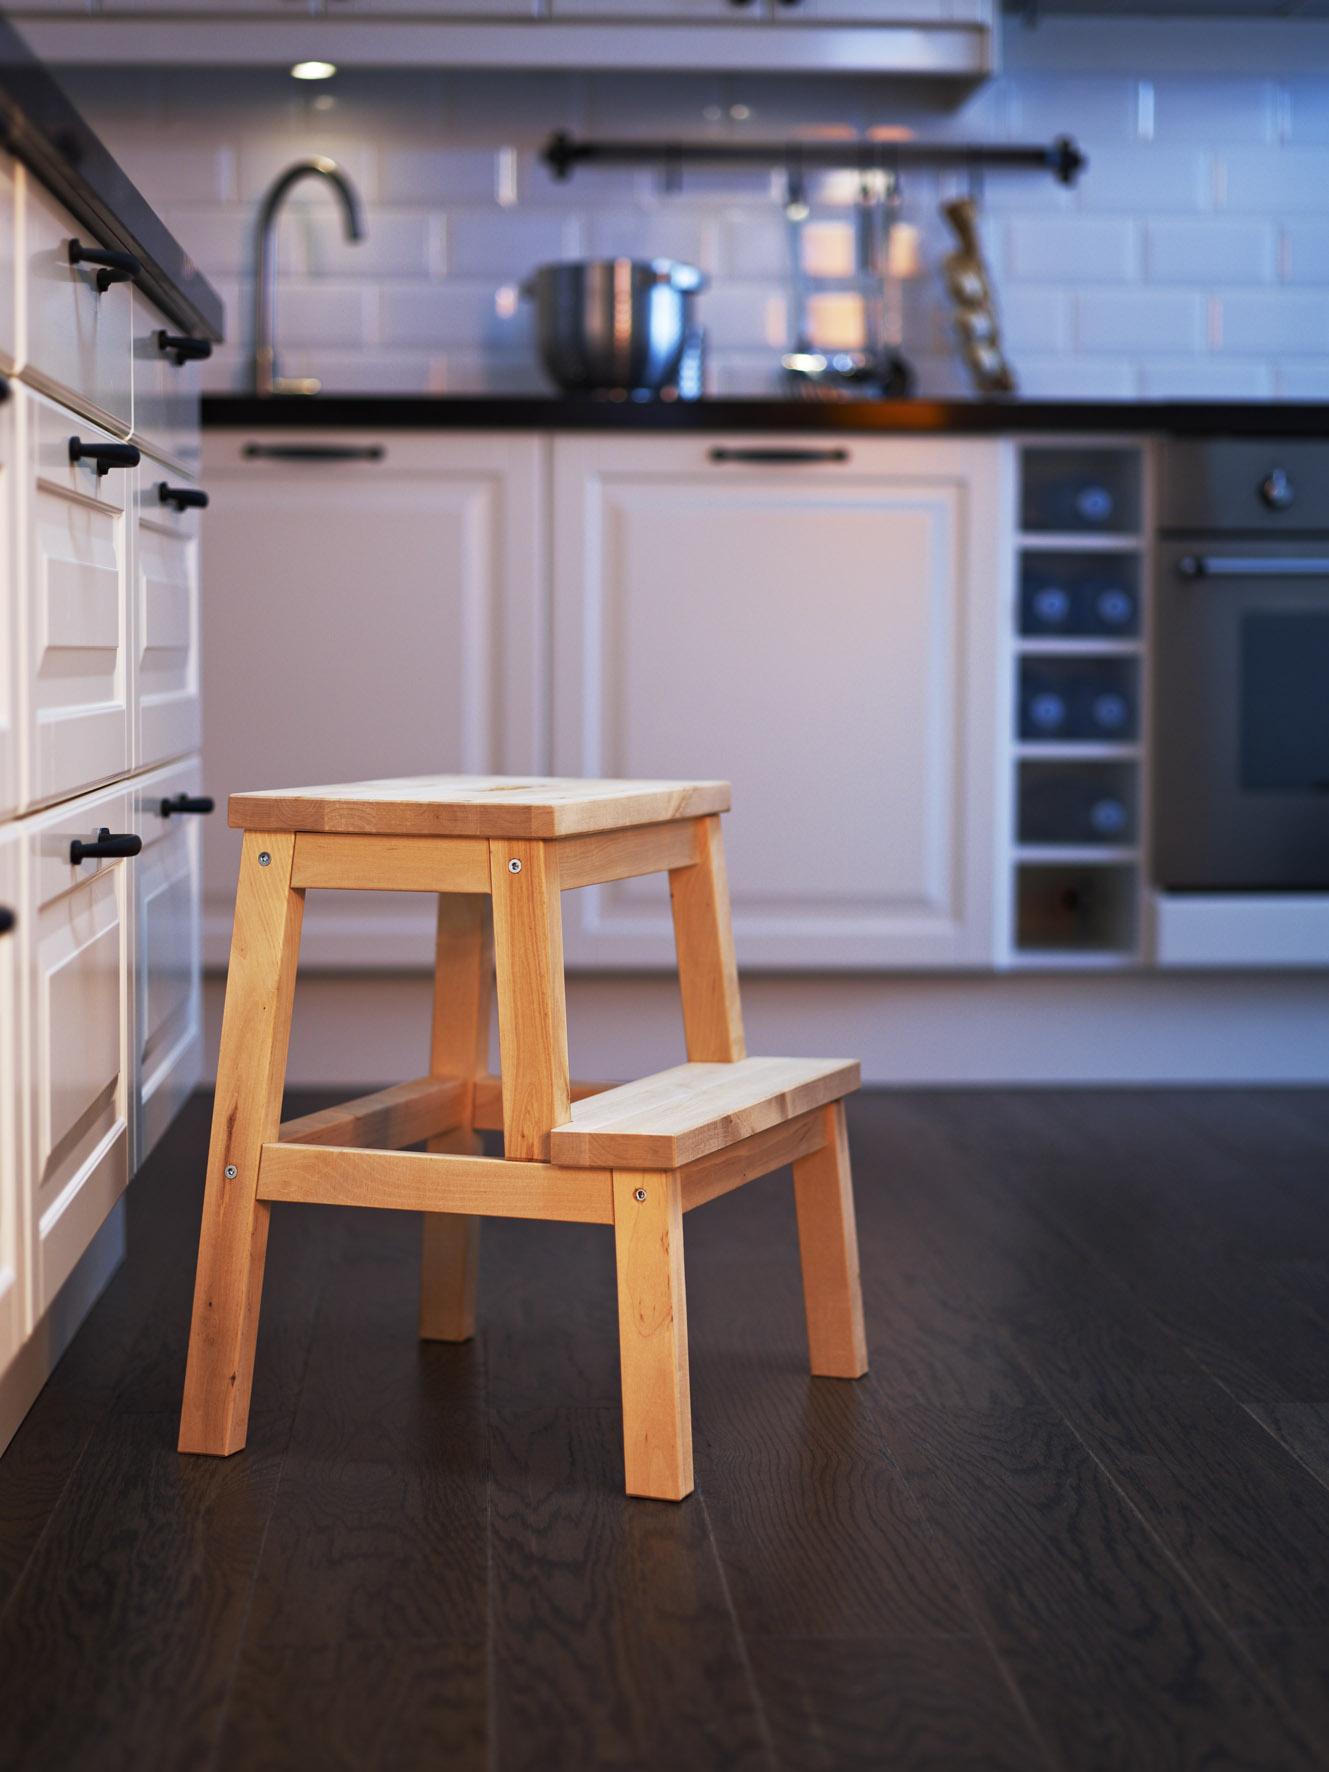 Keuken Afzuigkap Verplaatsen : keuken met IKEA – Nieuws Startpagina voor keuken idee?n UW-keuken